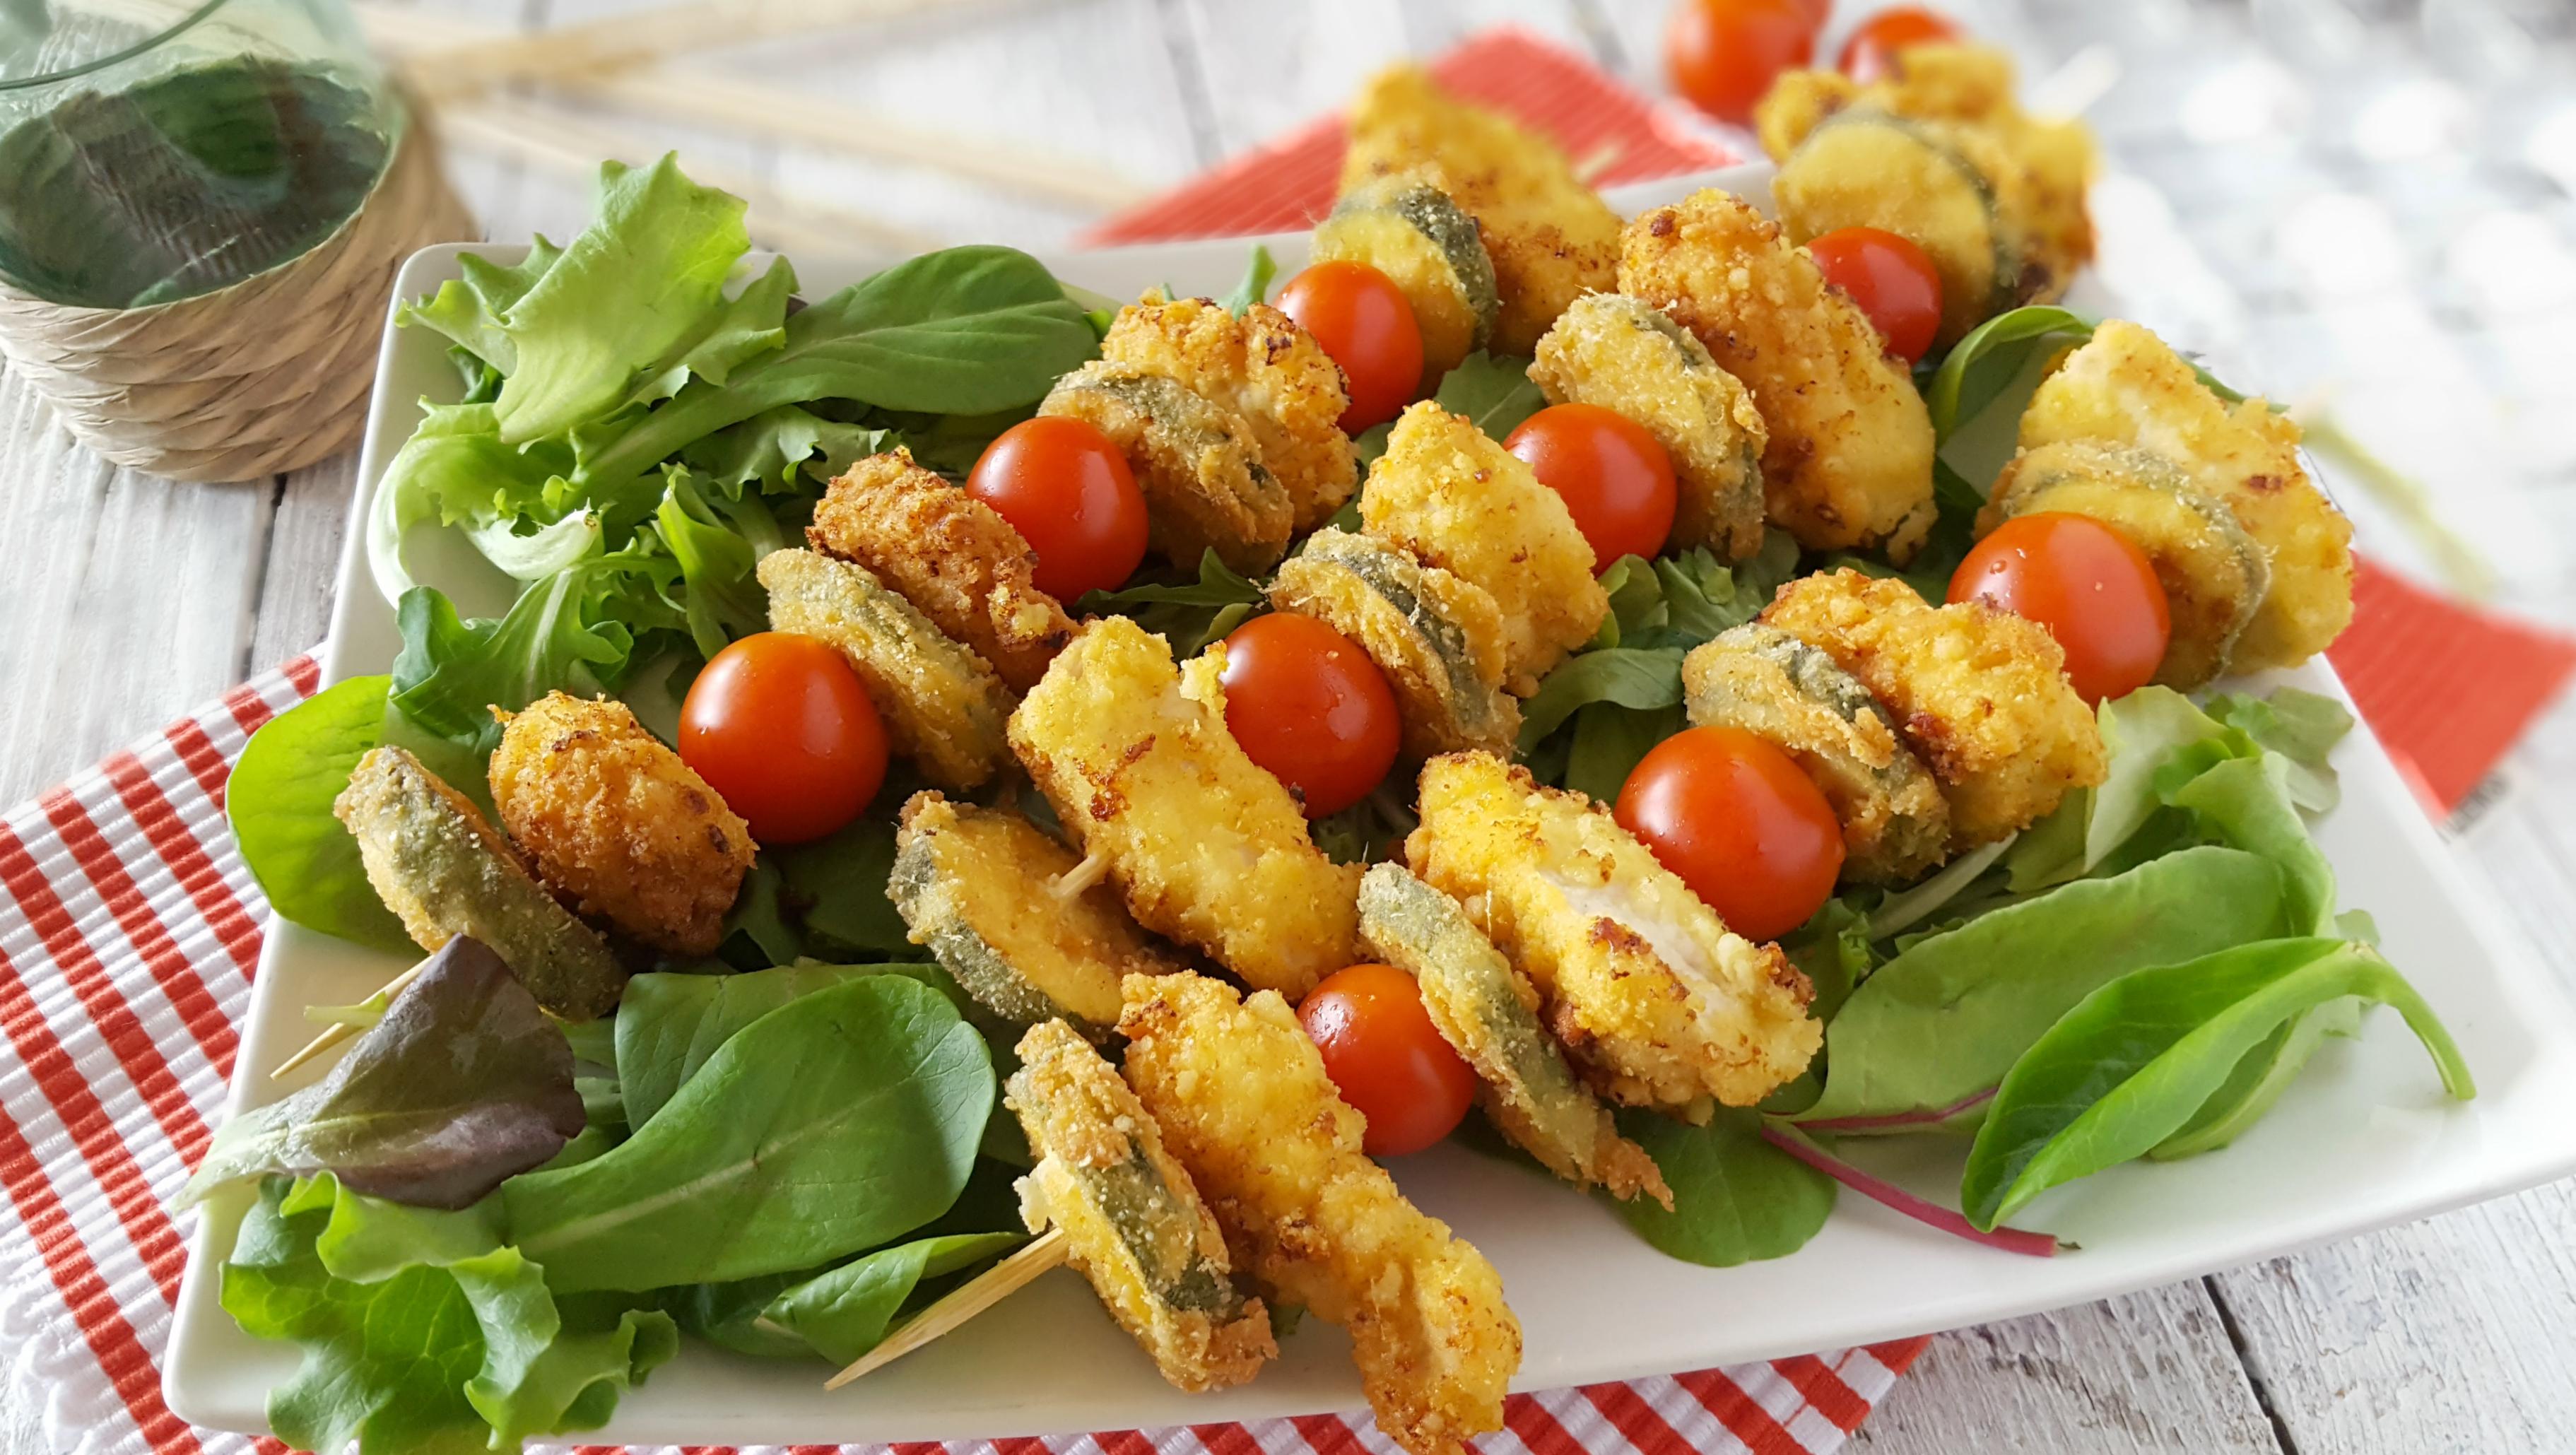 spiedini croccanti di pollo e verdure